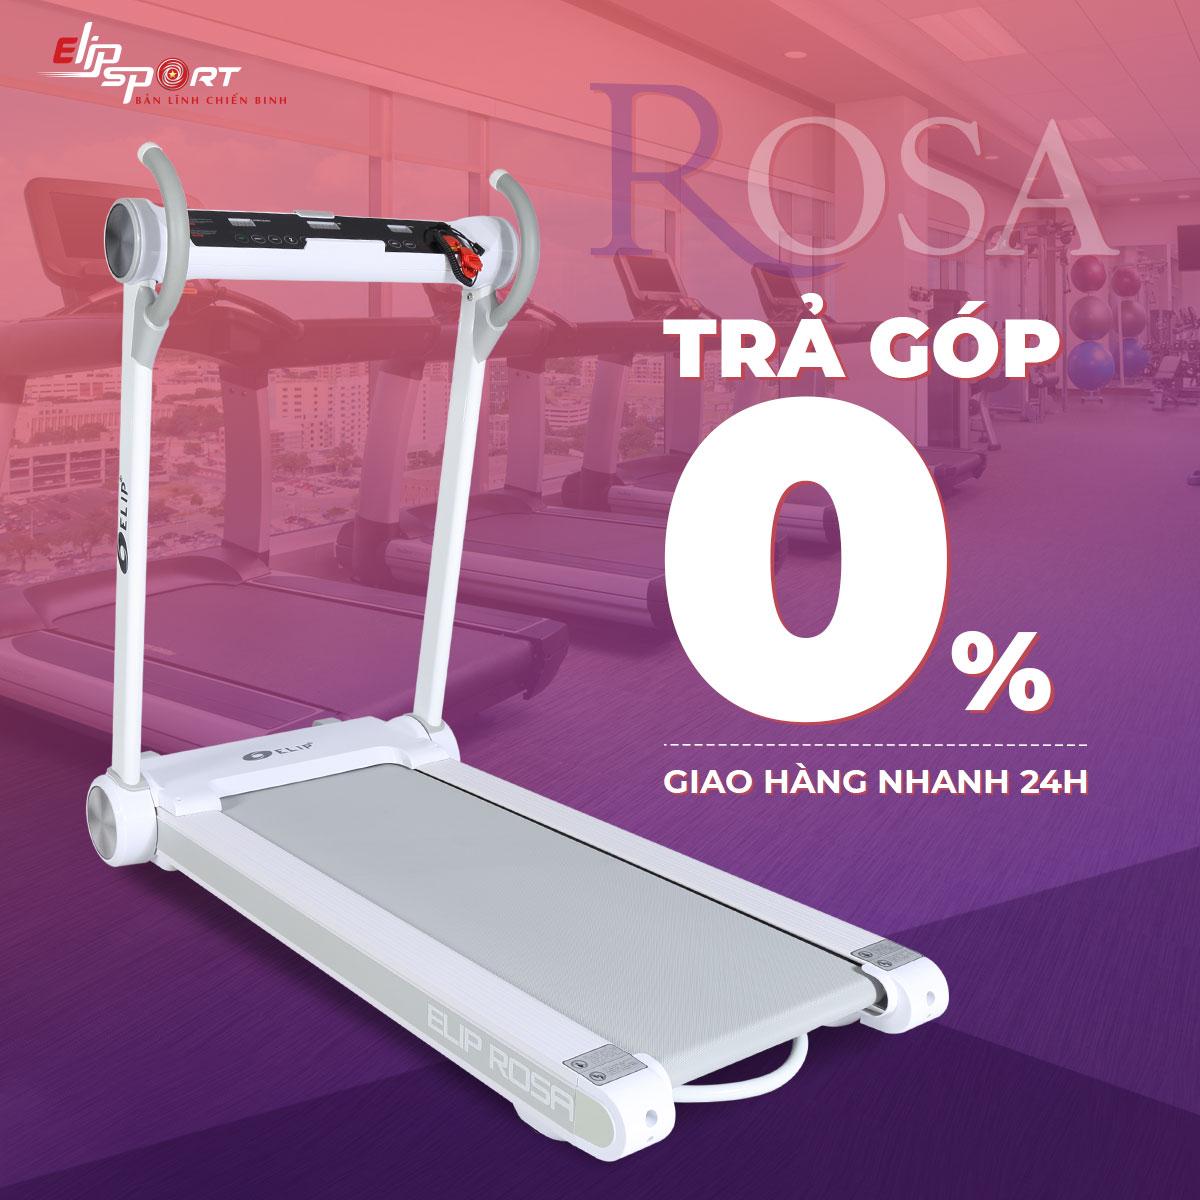 Máy chạy bộ điện đơn năng ELIP Rosa